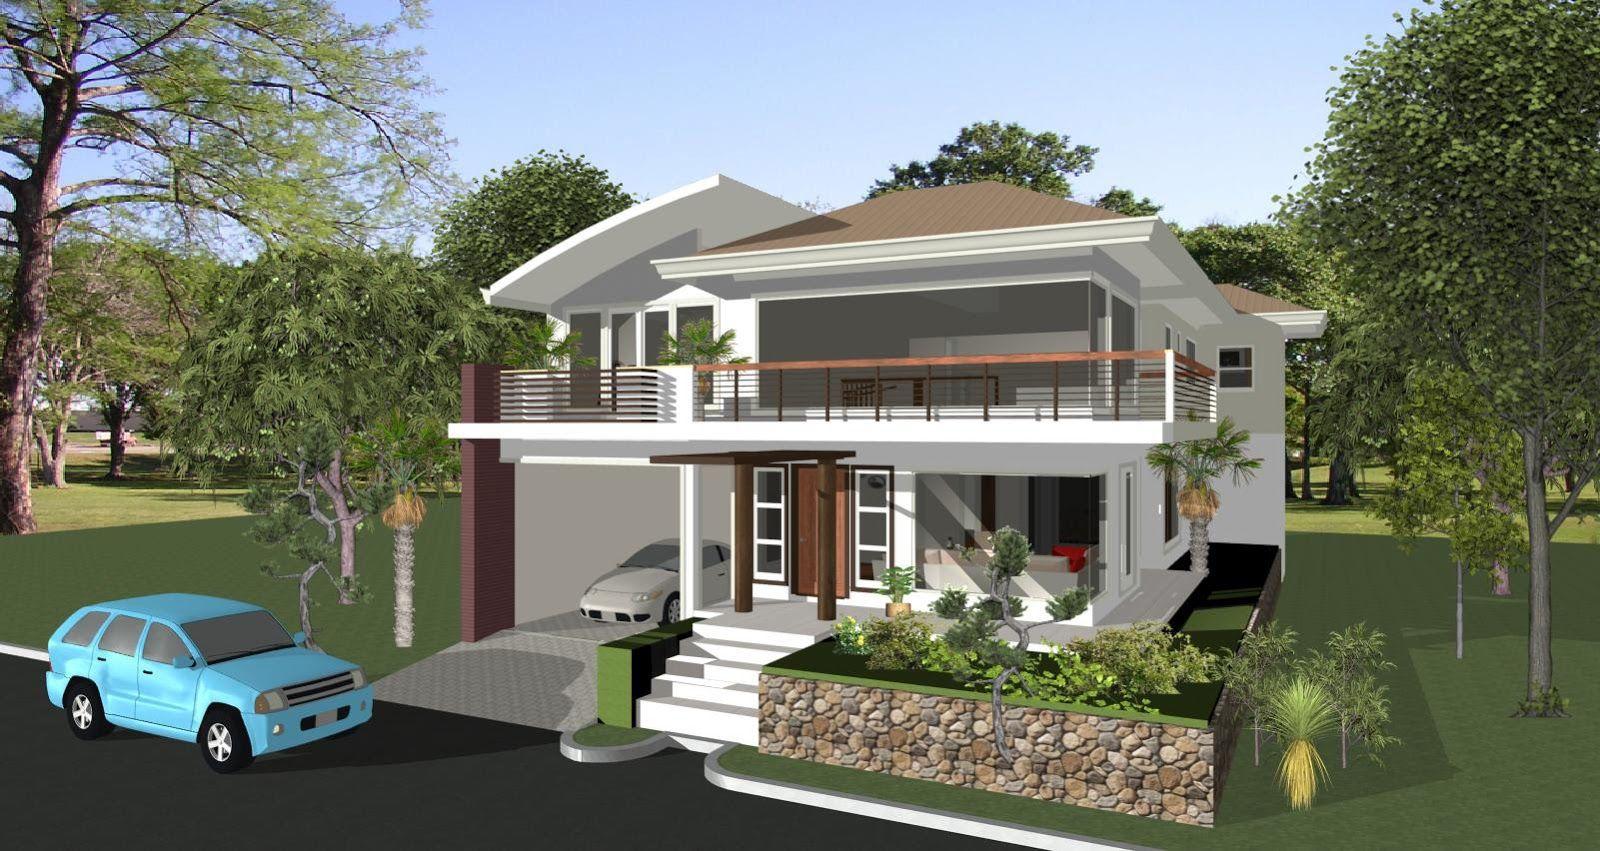 Jasa Bangun Rumah Kost Bogor Berpengalaman 0822 9000 9990 Arsitek Desain Rumah Rumah Mewah